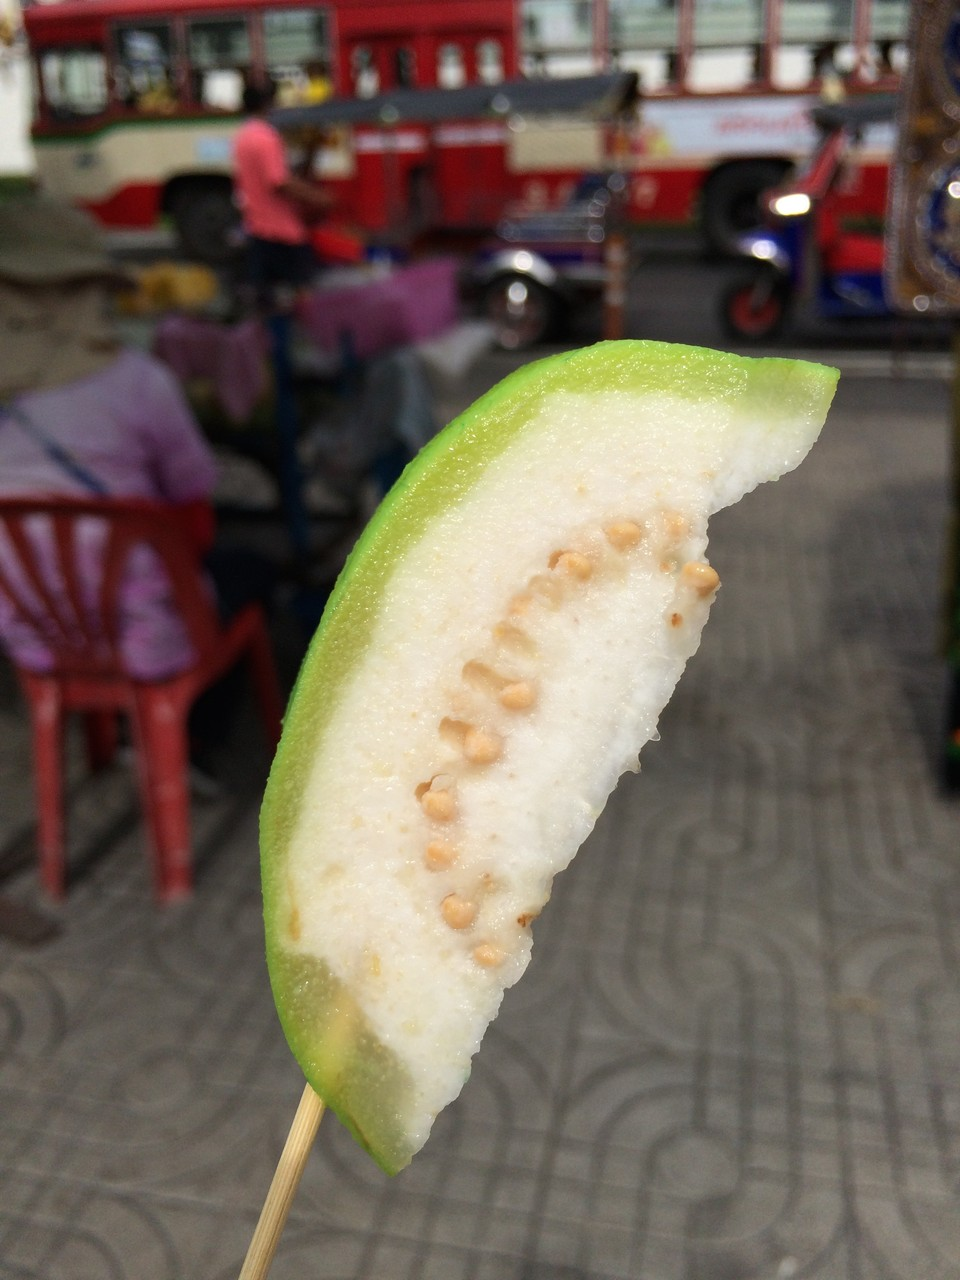 グアバ。初めて食べた〜。でもガムか何かでこんな味、食べたことある感覚。食感はガリガリ固めだけど、とても爽やかほのかな甘さで好き。